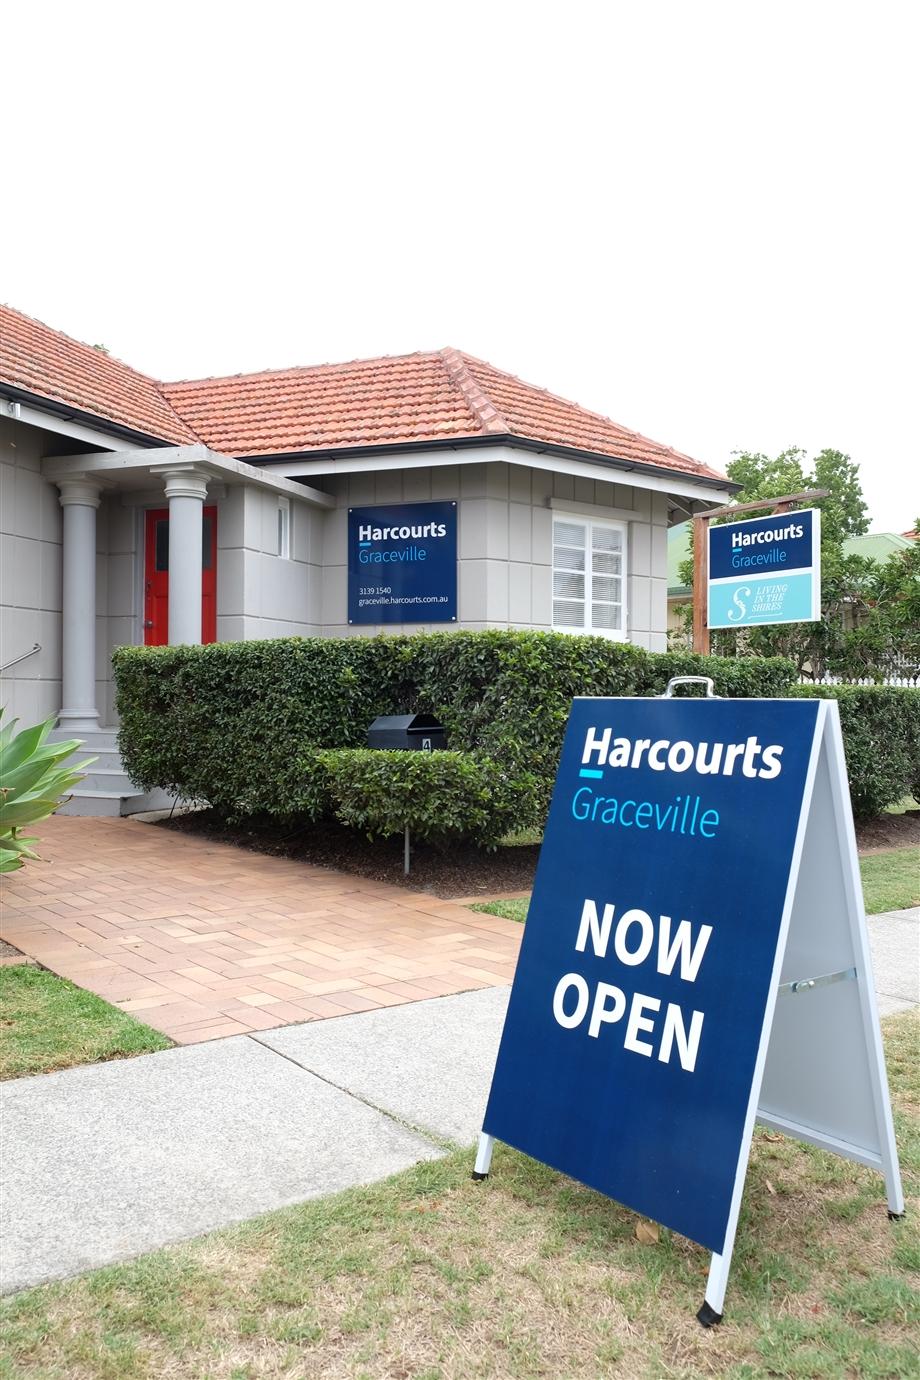 Harcourts Graceville office